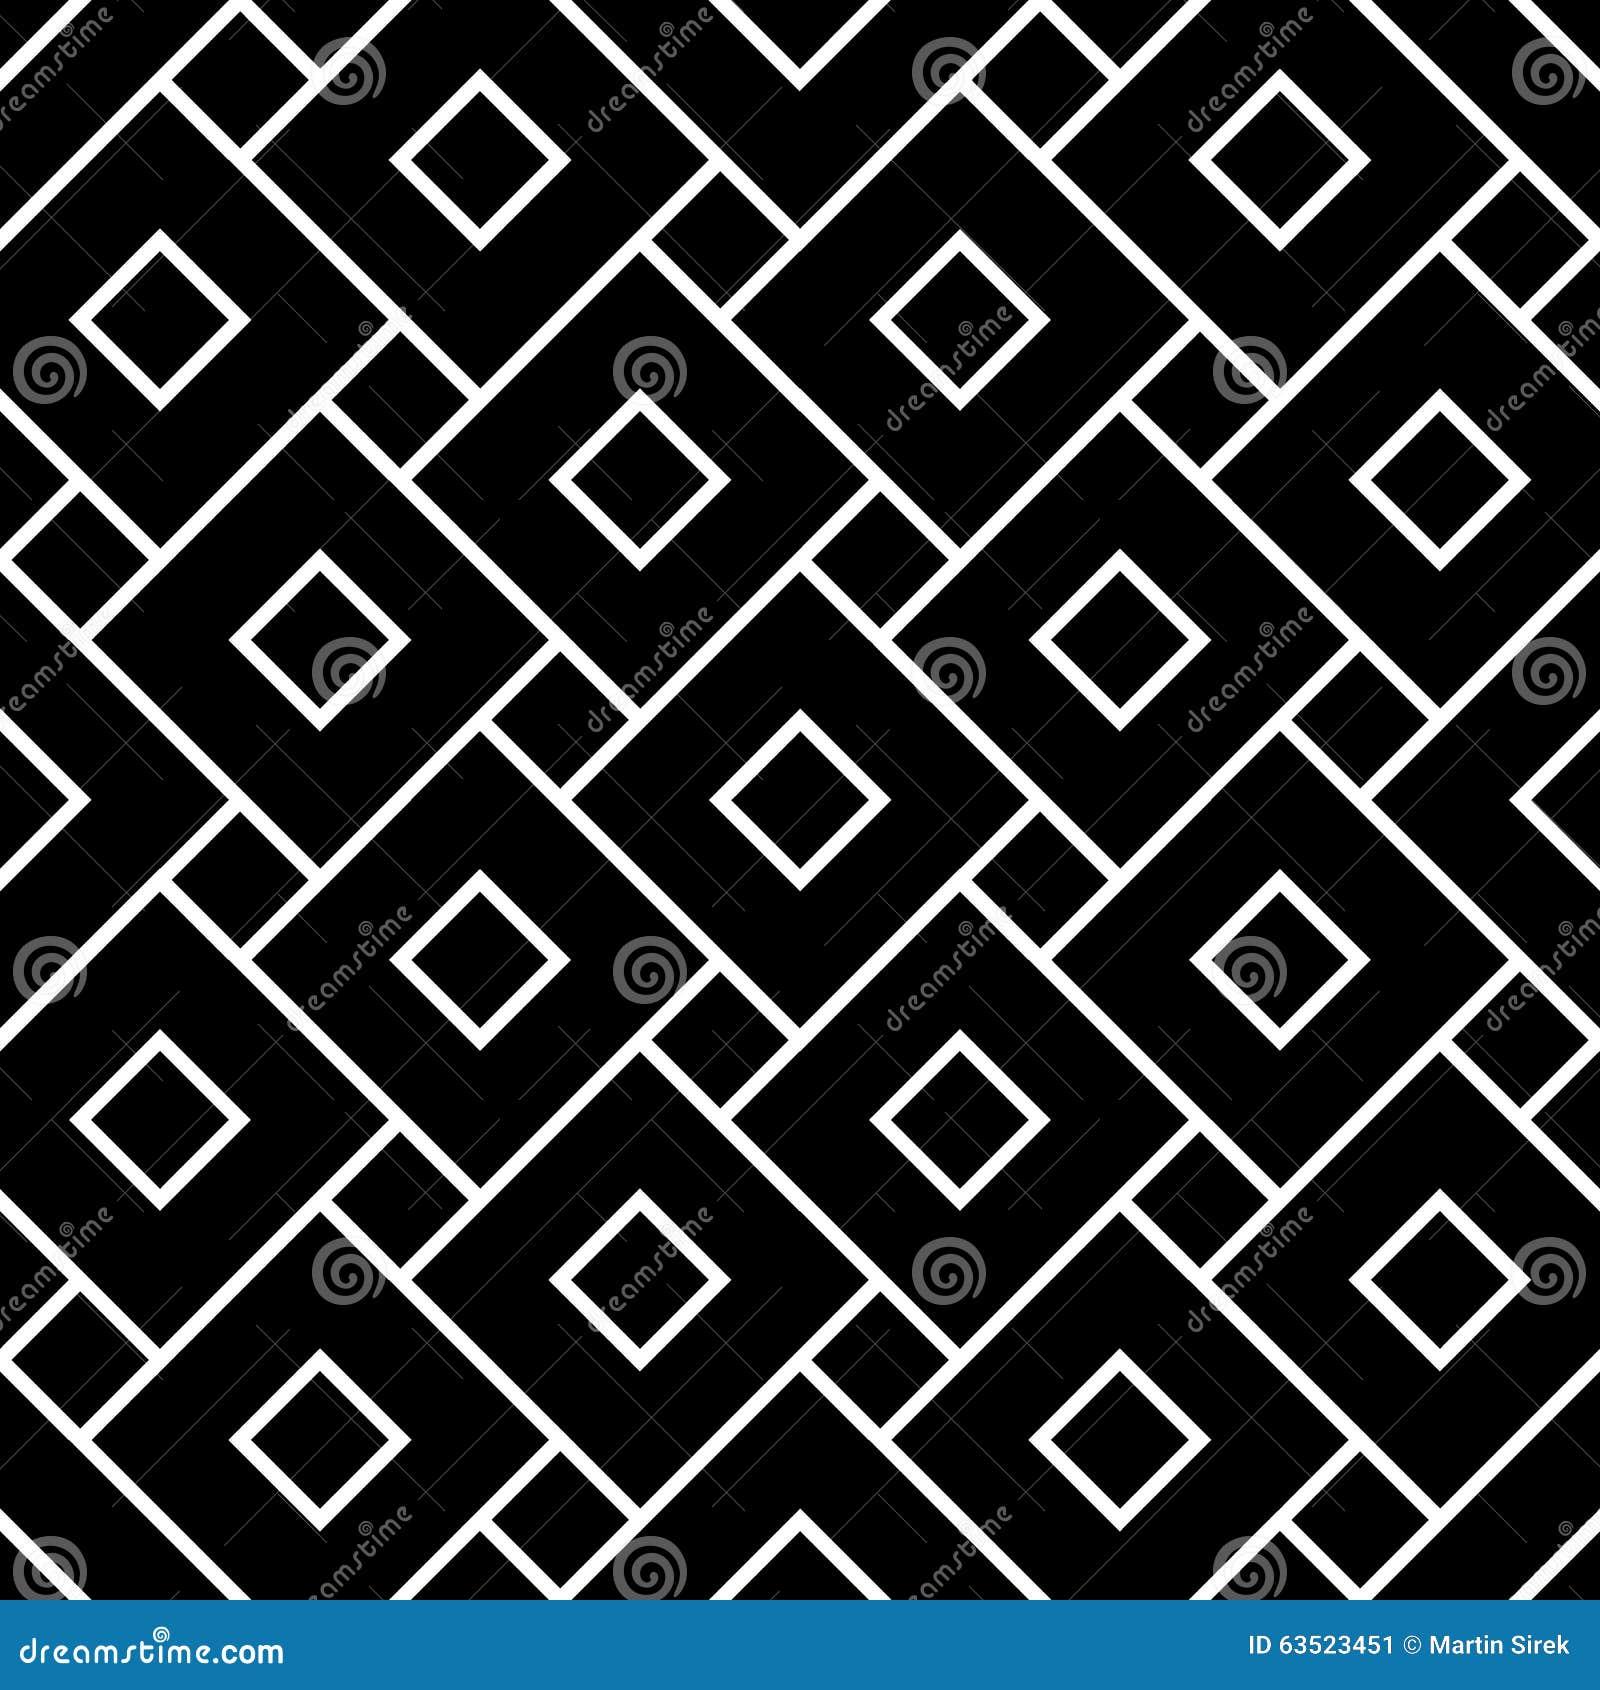 De vector moderne naadloze vierkanten van het meetkundepatroon, zwart-witte samenvatting